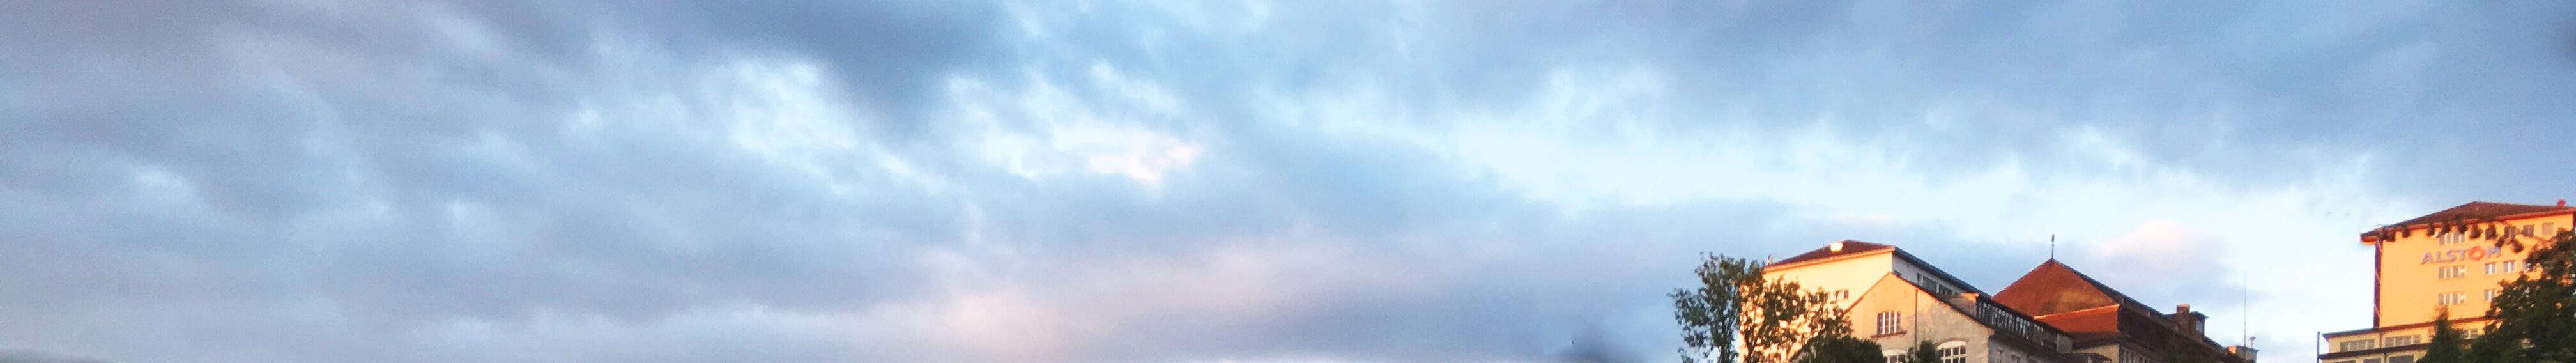 ラインフォールの空